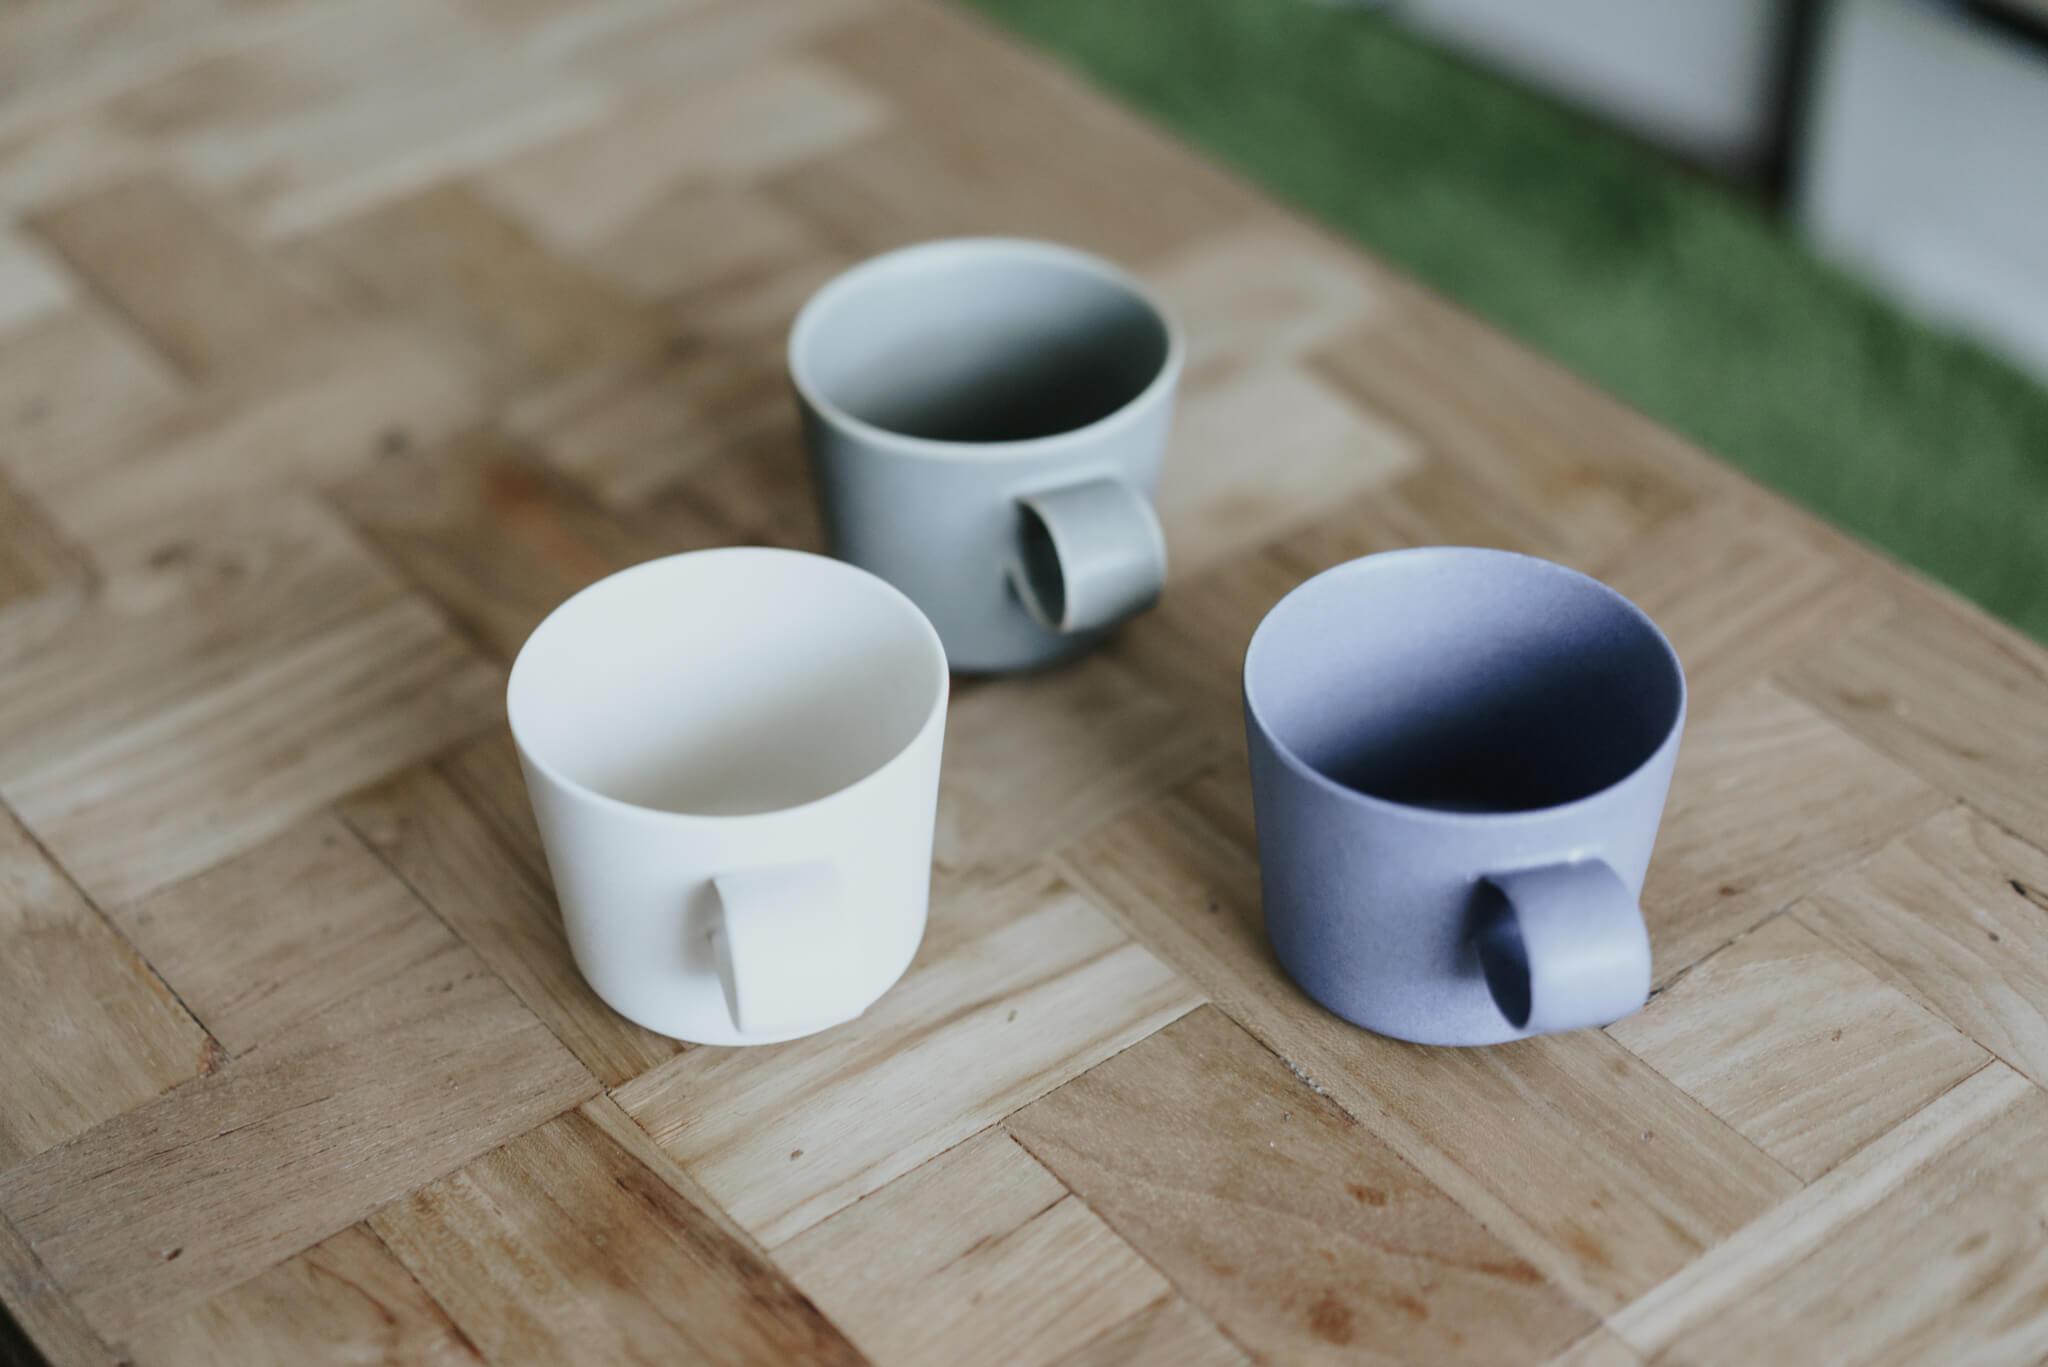 独特のマットな質感や、甘すぎないカラー展開が、なんとも絶妙なイイホシユミコさんのうつわ。こちらは、「Unjour」シリーズのマグカップ。